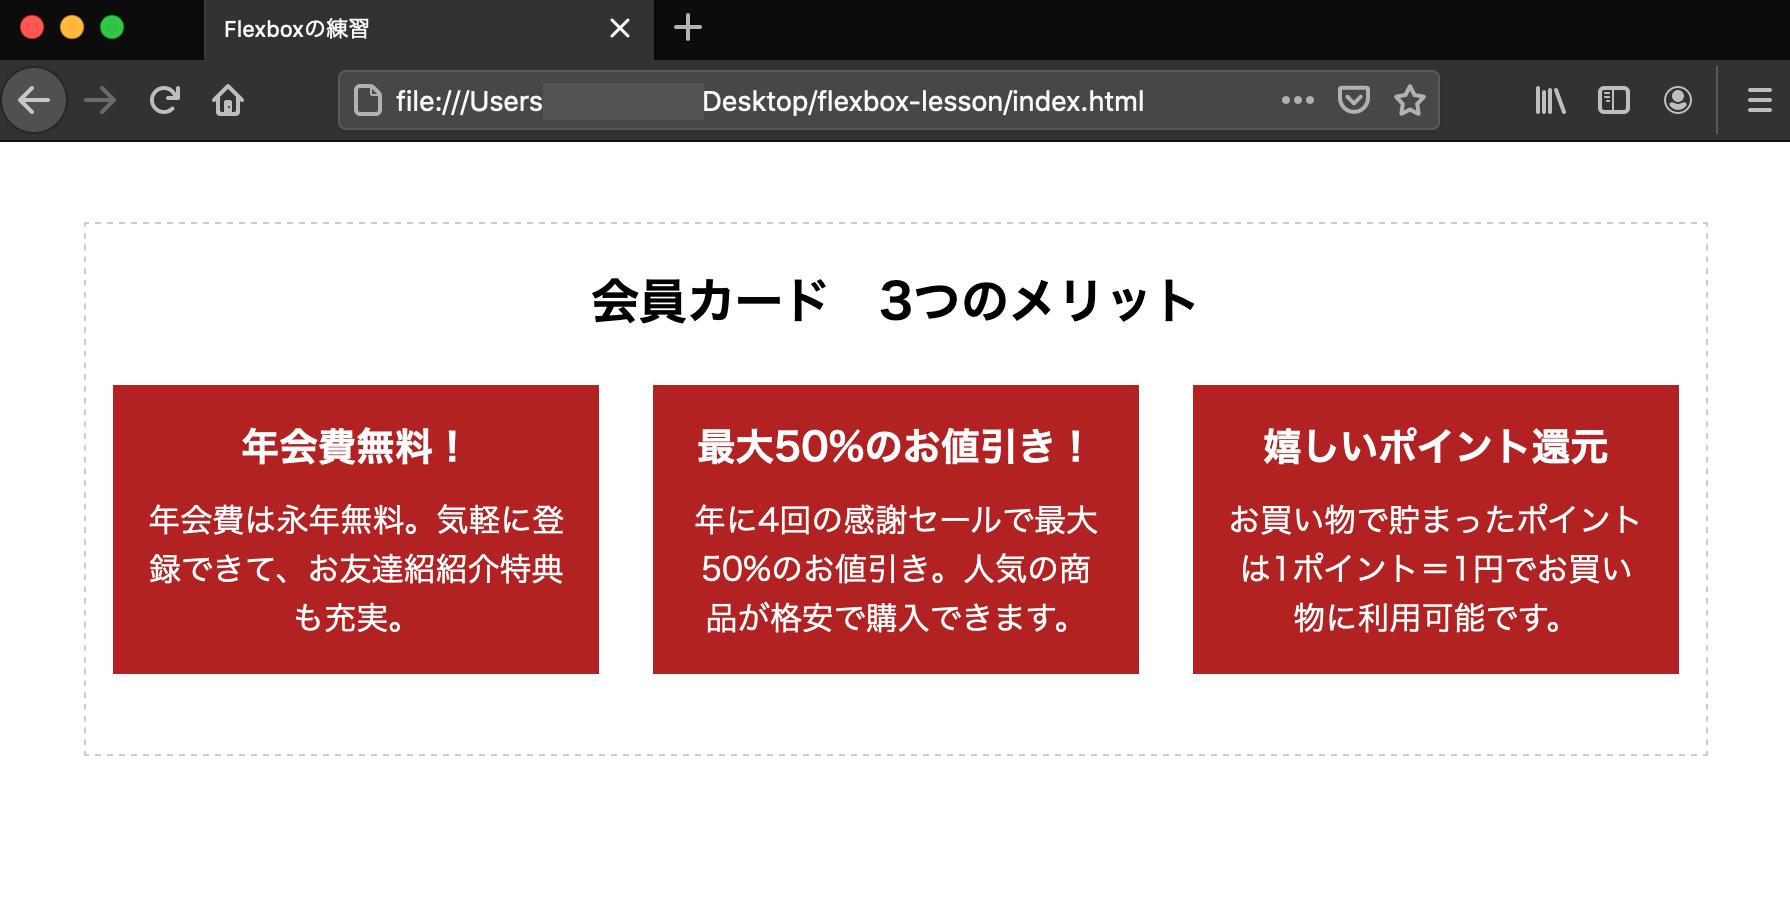 CSS記述後のブラウザの画像